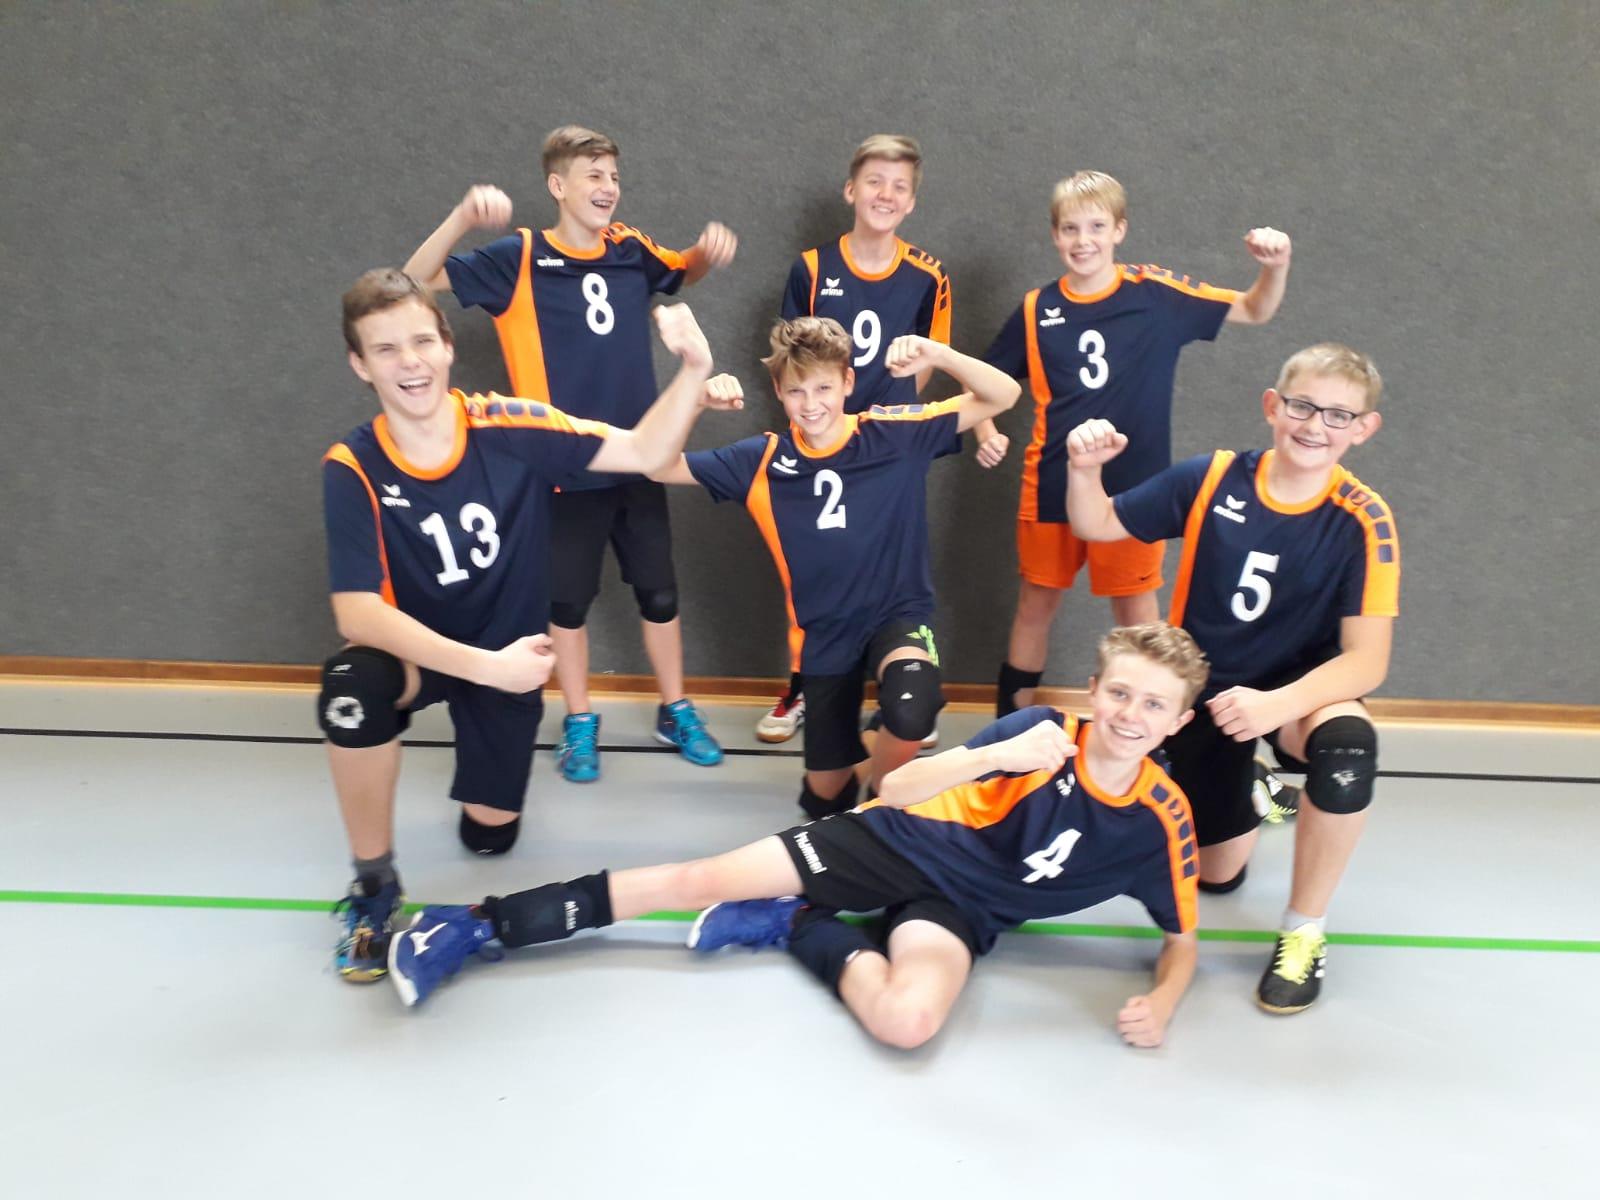 2. Herren – Kreisliga Hochsauerlandkreis Frauen – Die Jungs des RCS nach zwei souveränen Siegen vorzeitig Staffelsieger!